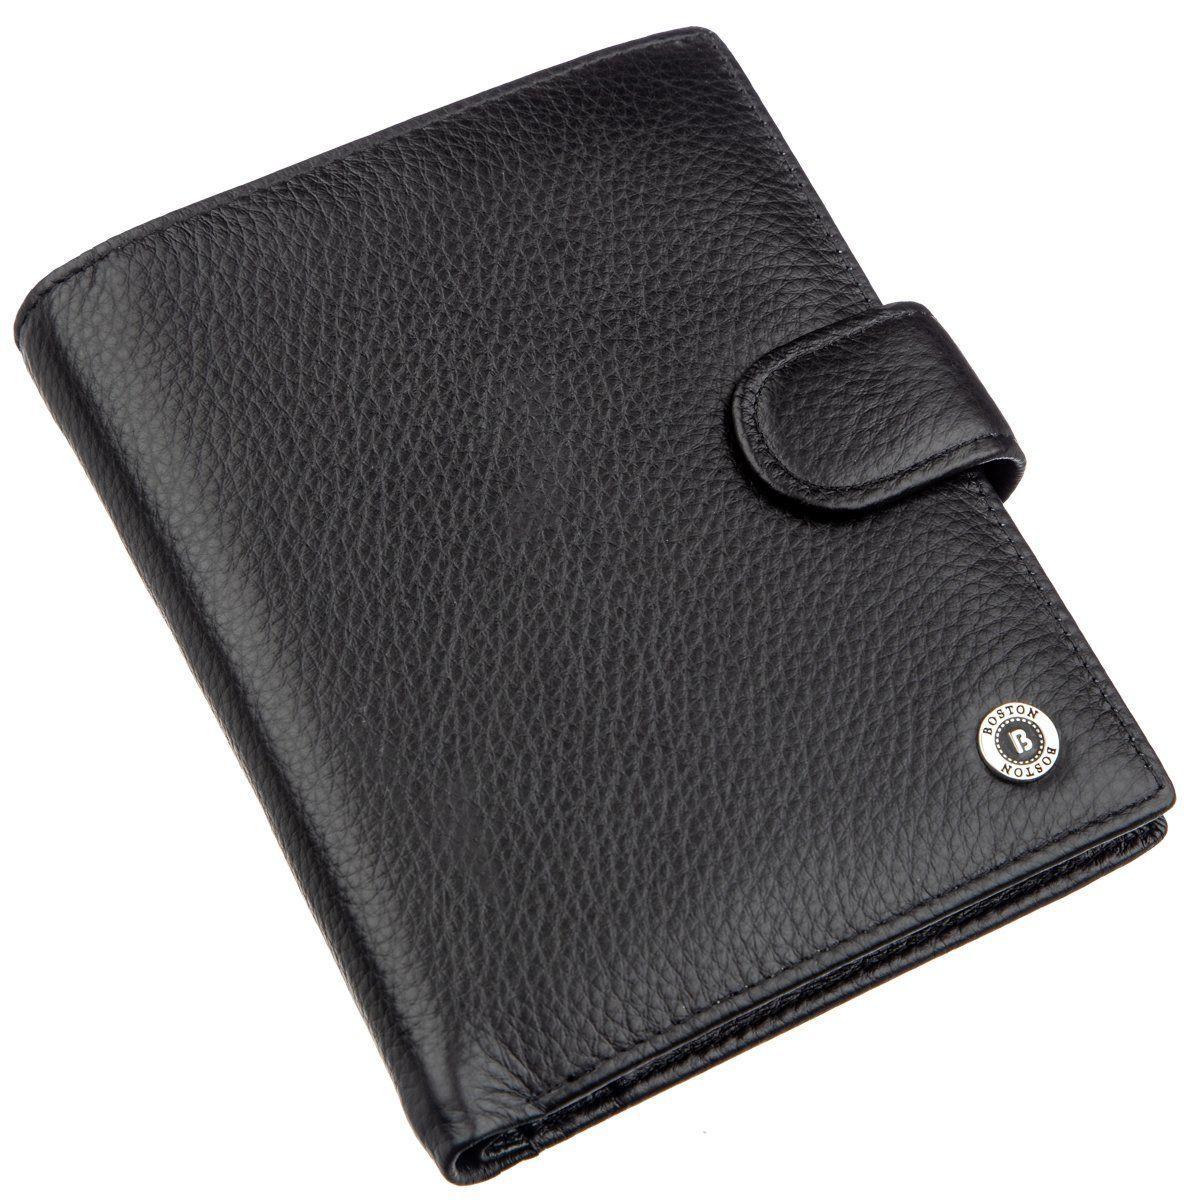 Кожаное мужское портмоне на кнопке Boston 18822 Черный, Черный